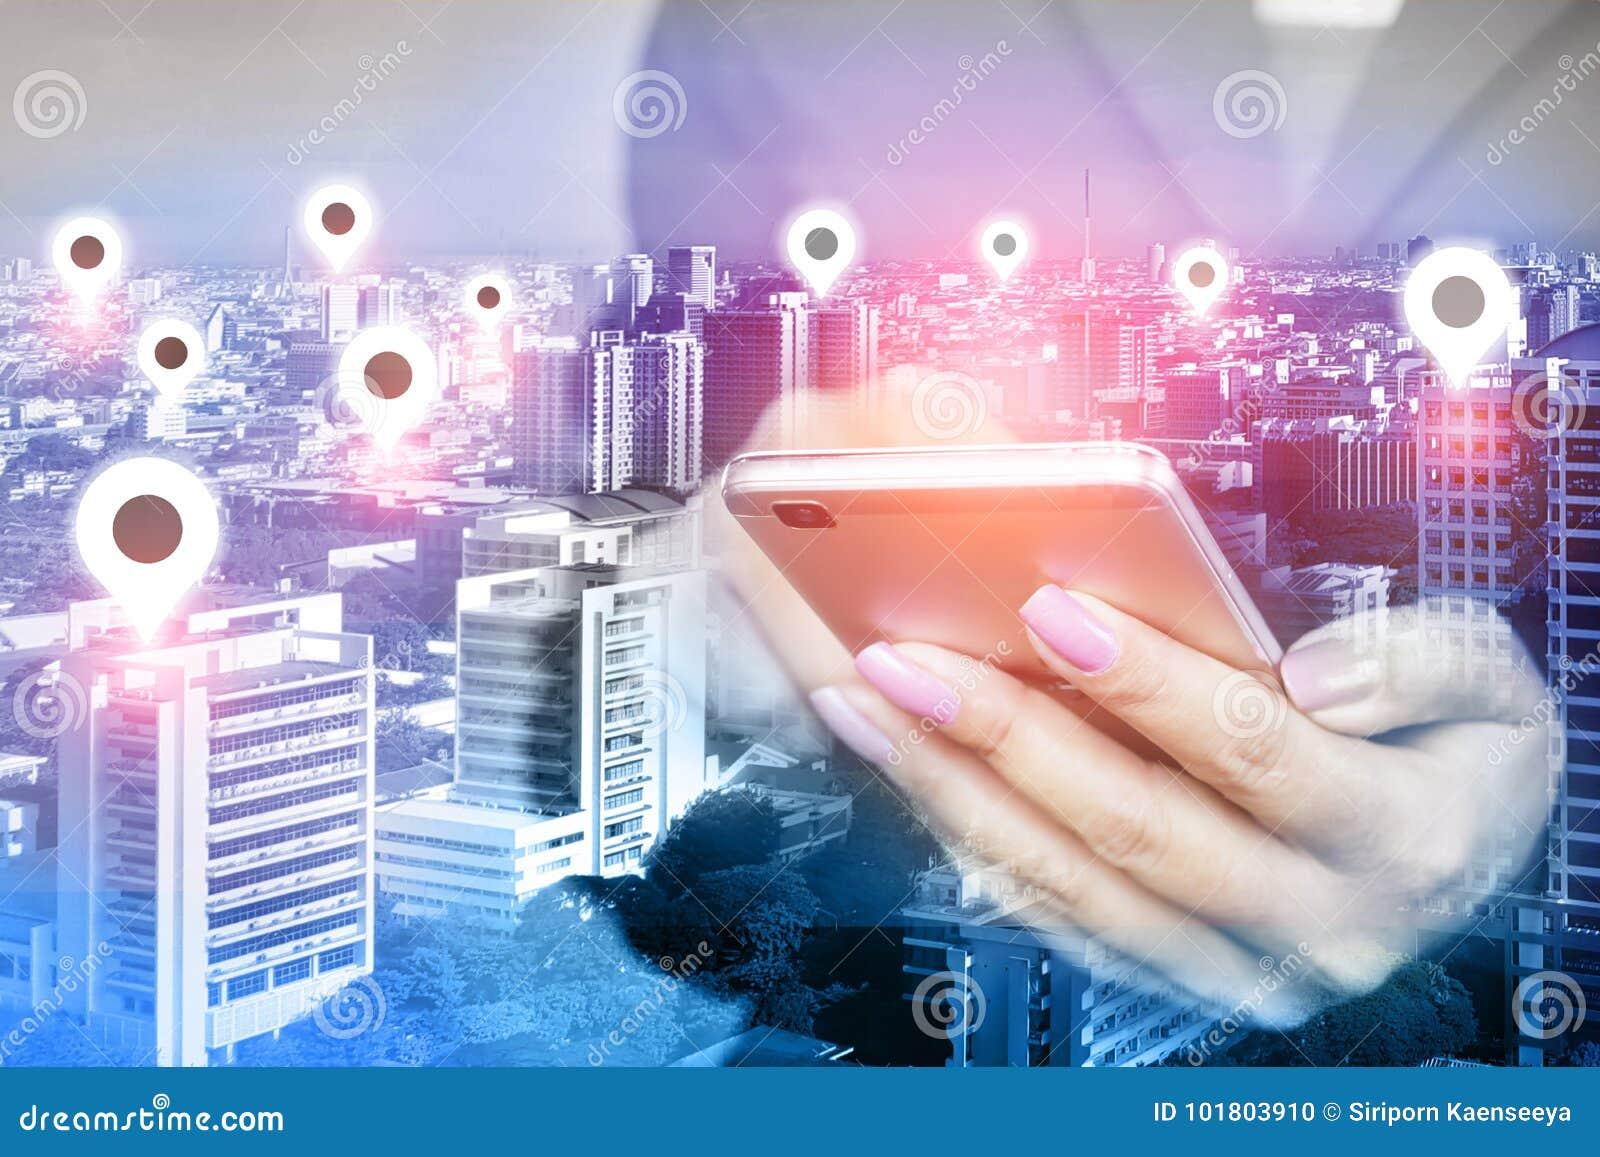 Mão da mulher usando o telefone celular com ícone sobre a cidade esperta, conceito do lugar da conexão de rede